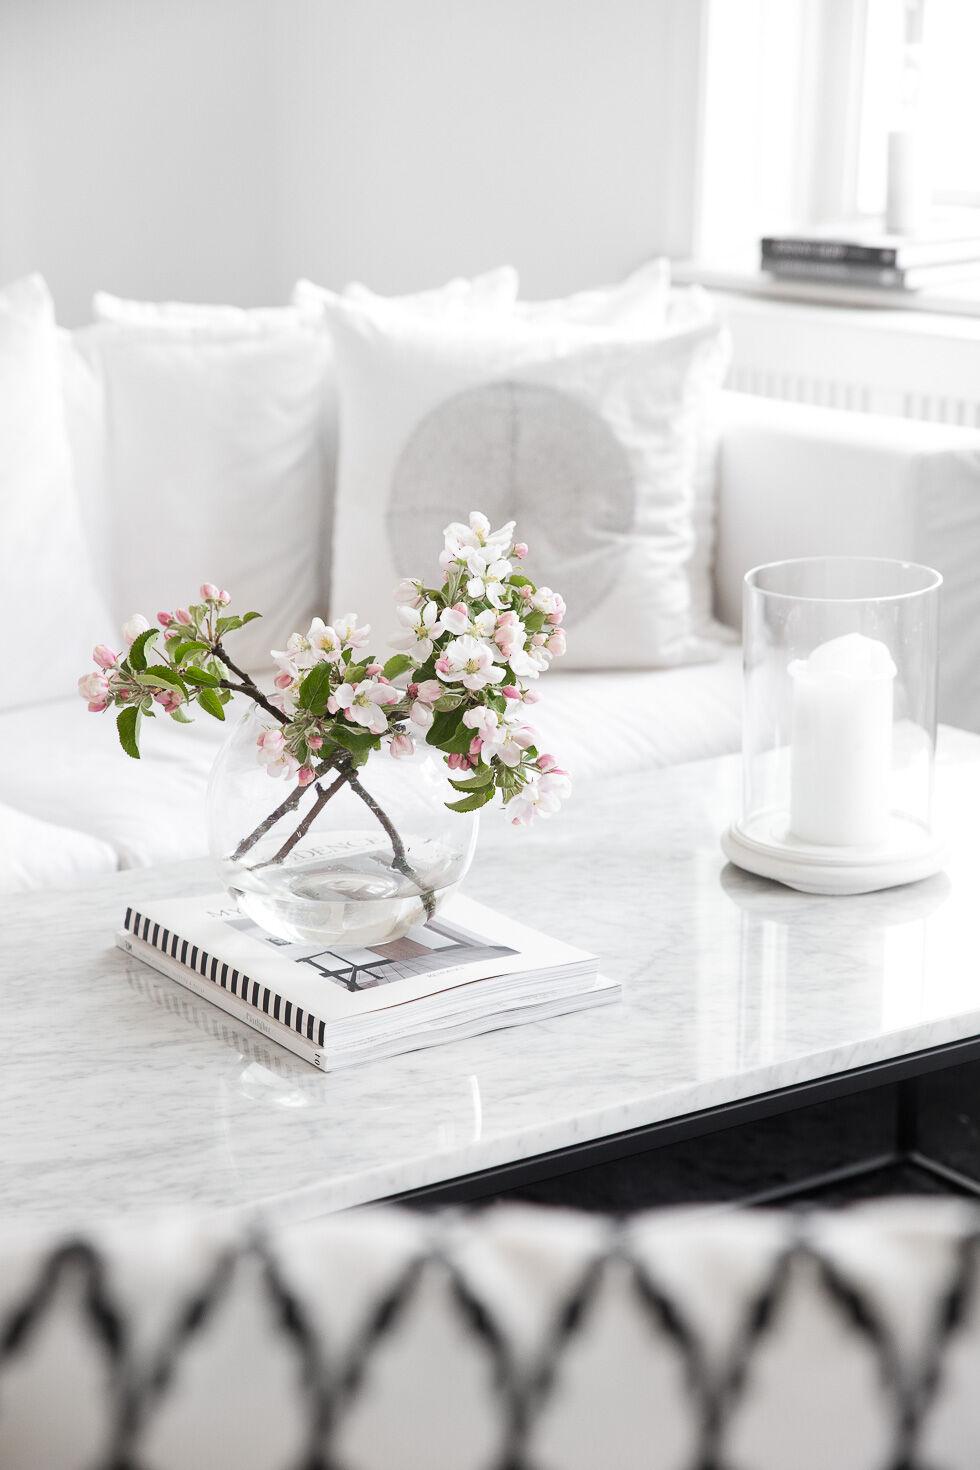 bykikki-livingroom-decor